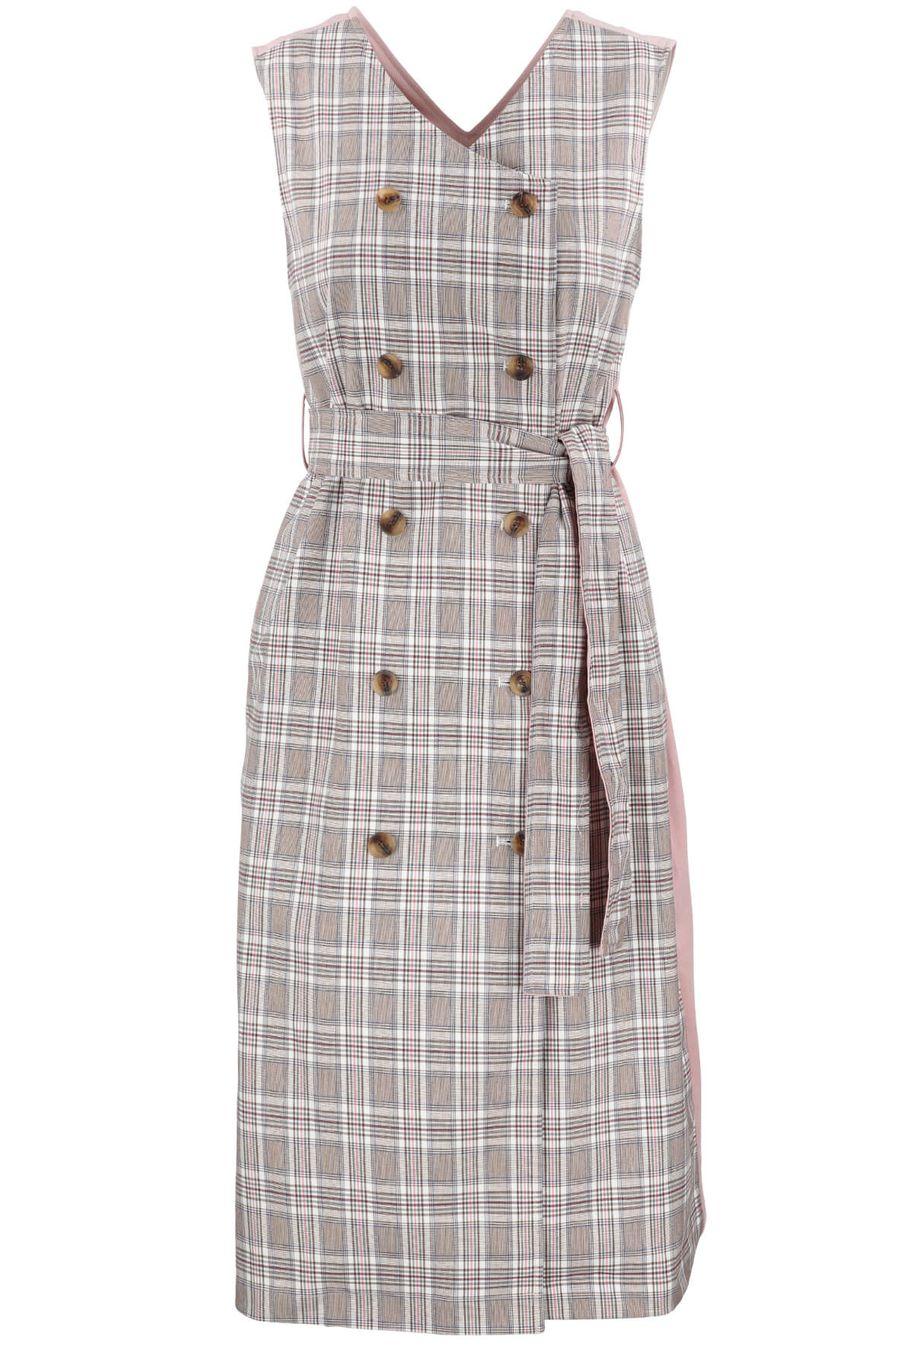 nu-parcc-plaid-vest-dress-1